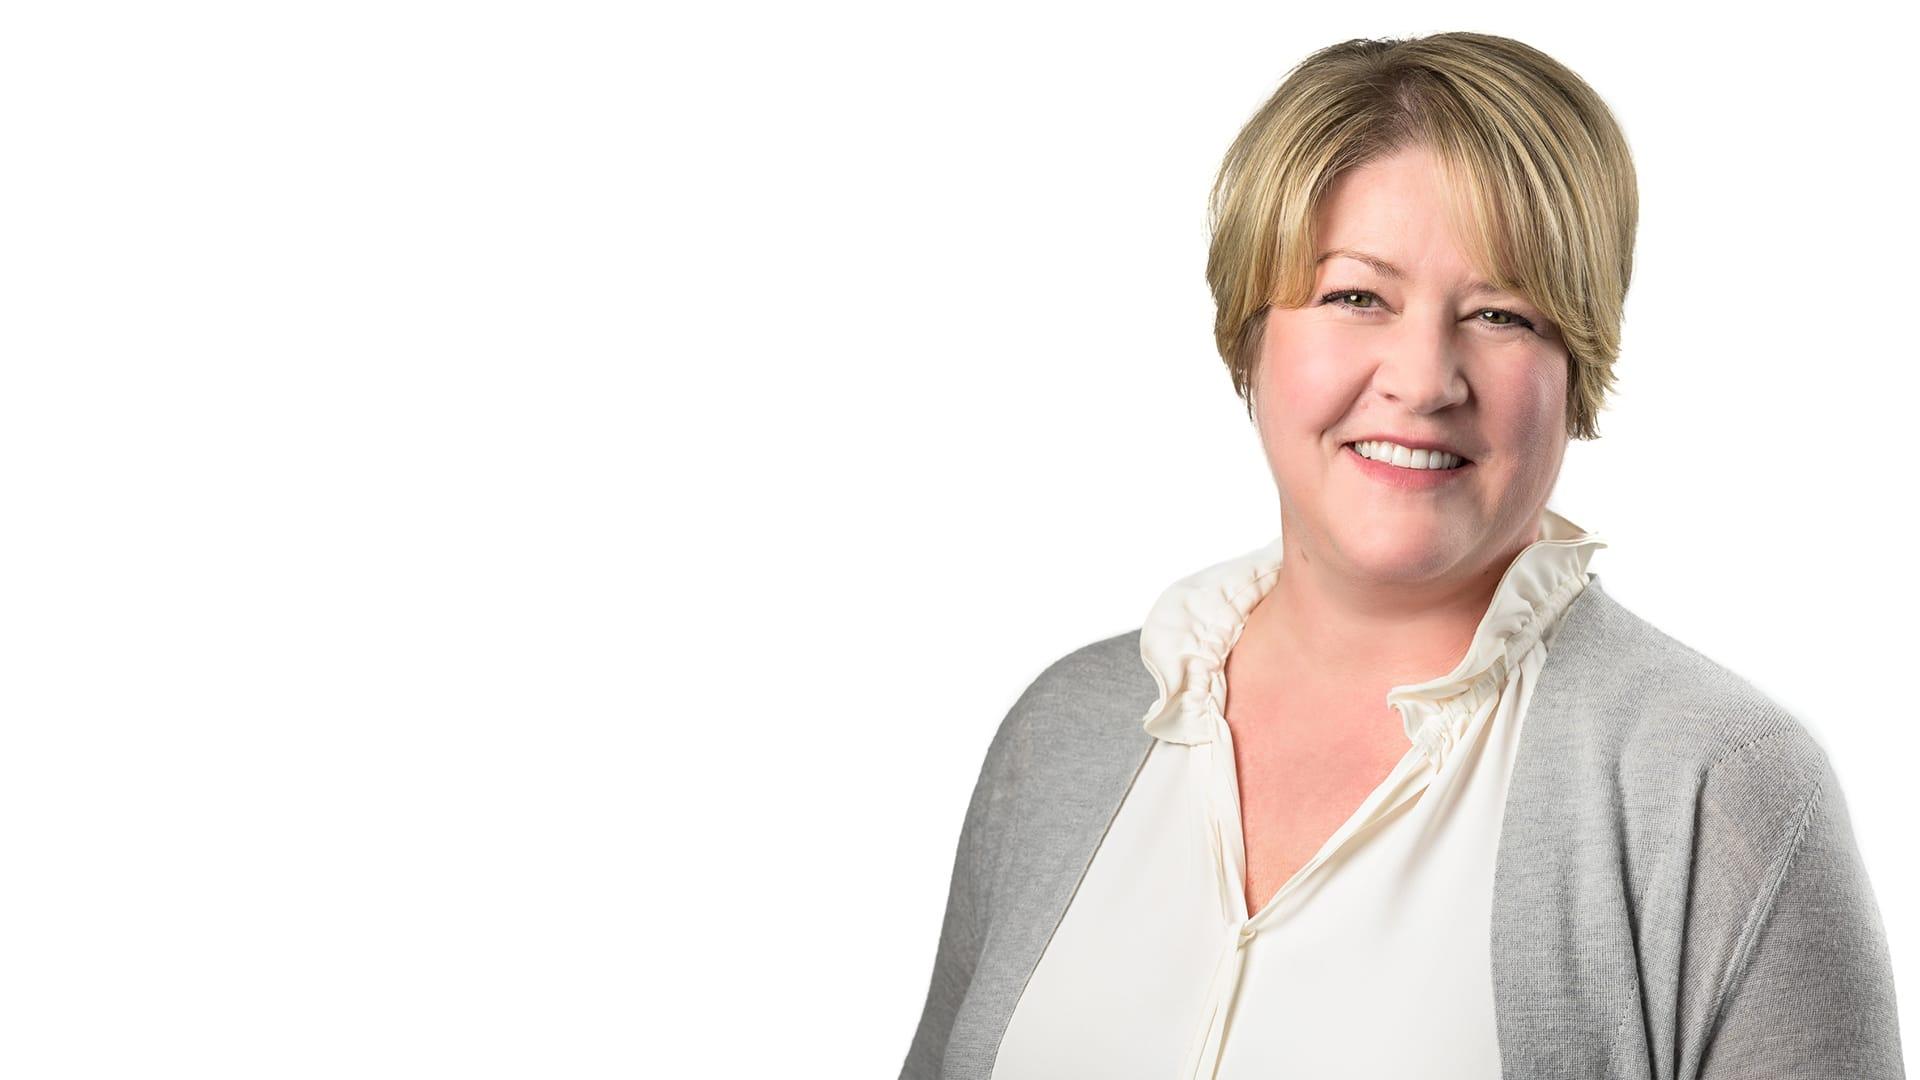 WTD LEADERS Angela Johnson